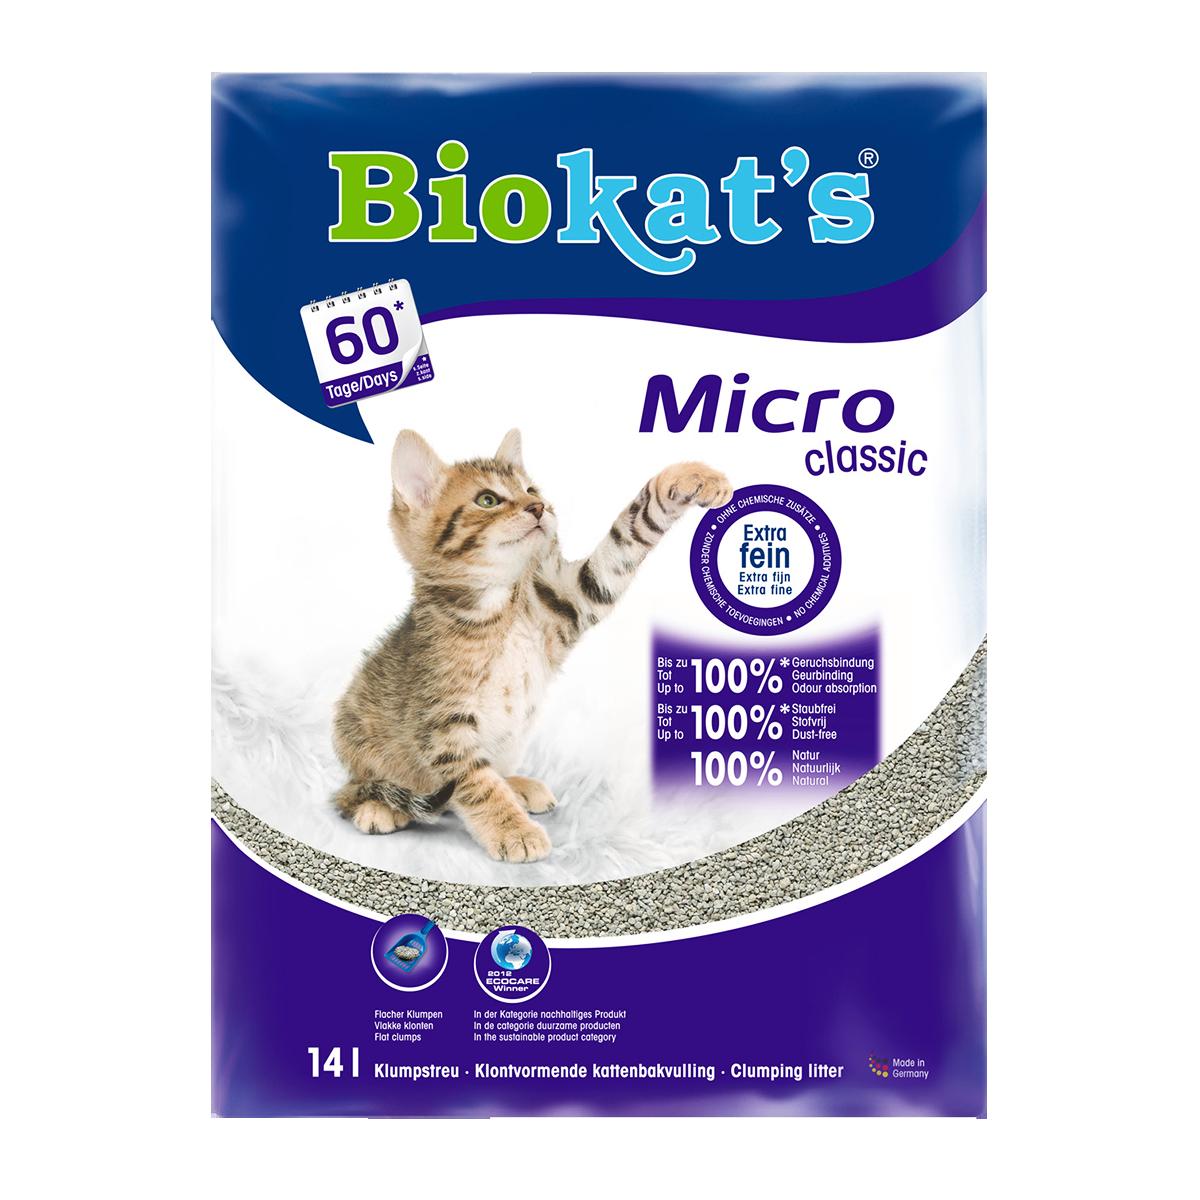 Biokat's Micro Classic Наполнитель минеральный комкующийся